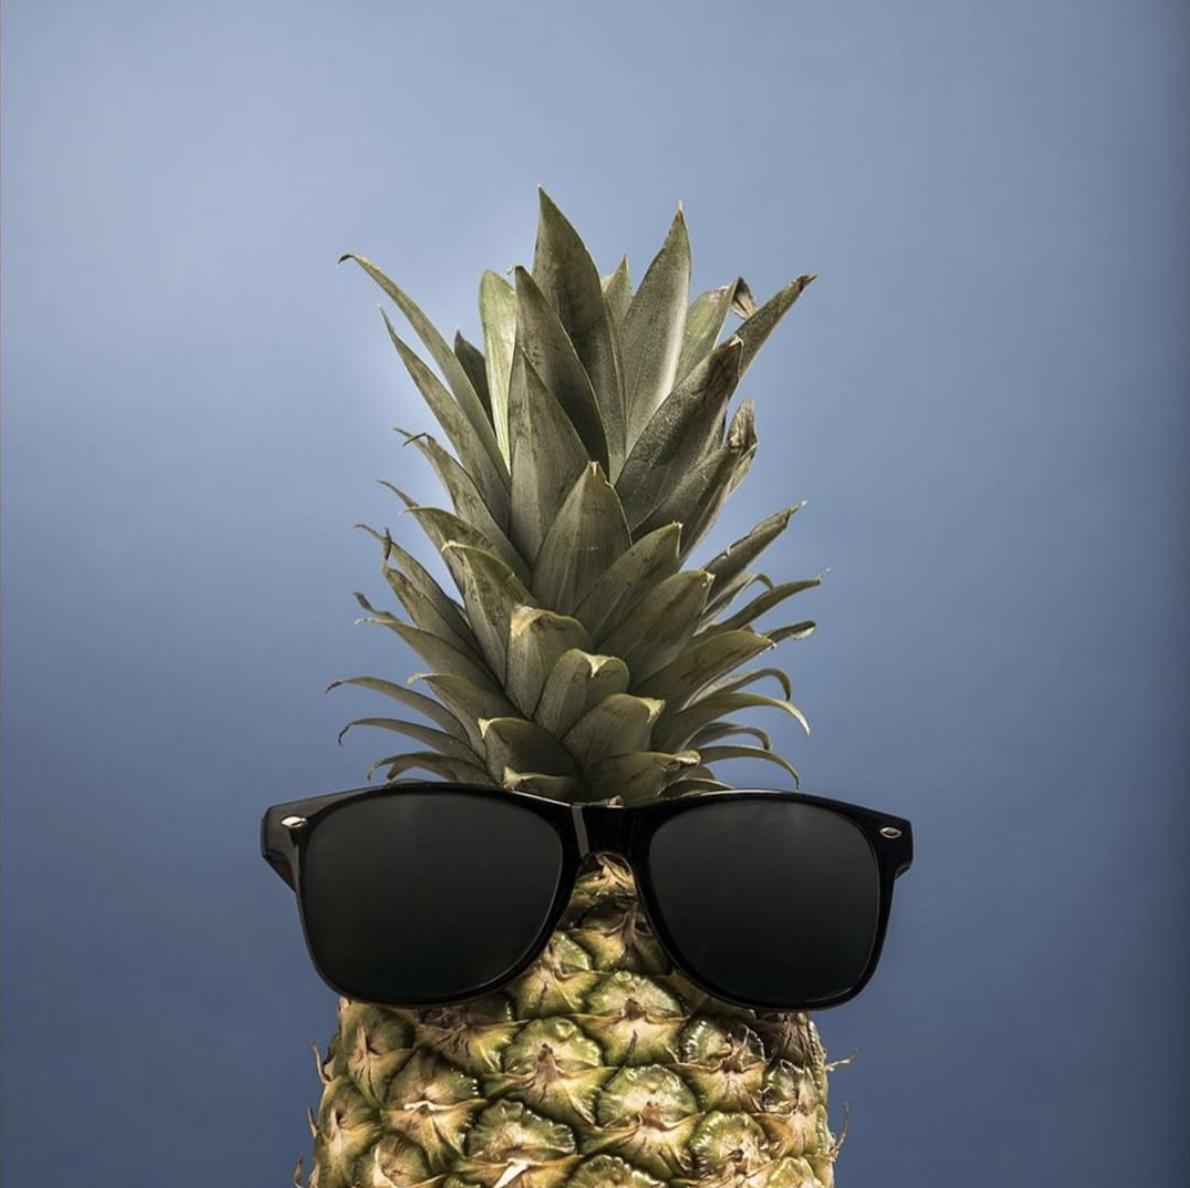 June 27th - Sunglasses Day